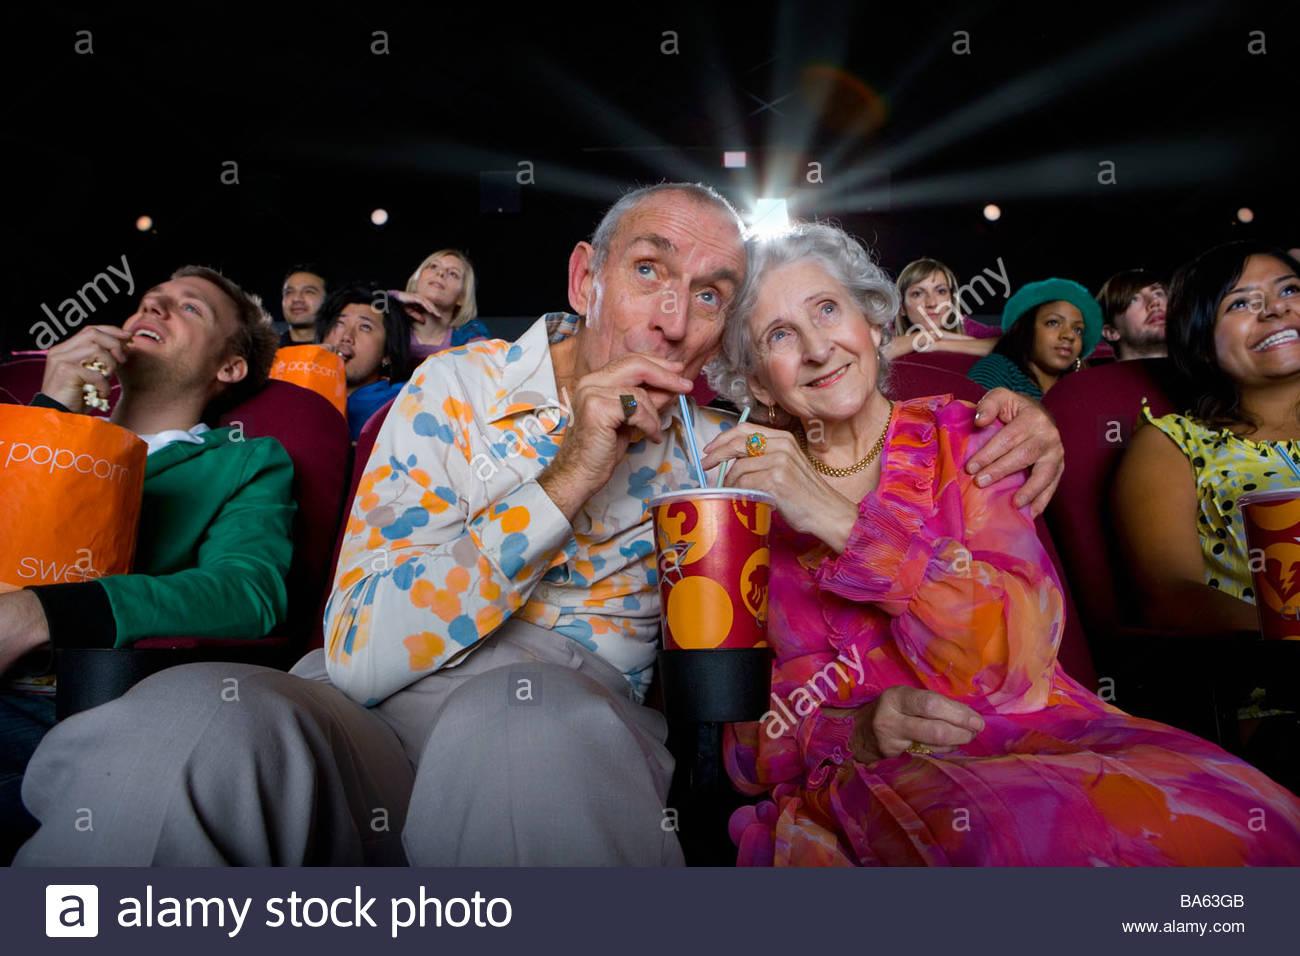 Senior paar teilen zu trinken, im Kino, niedrigen Winkel Ansicht Stockbild